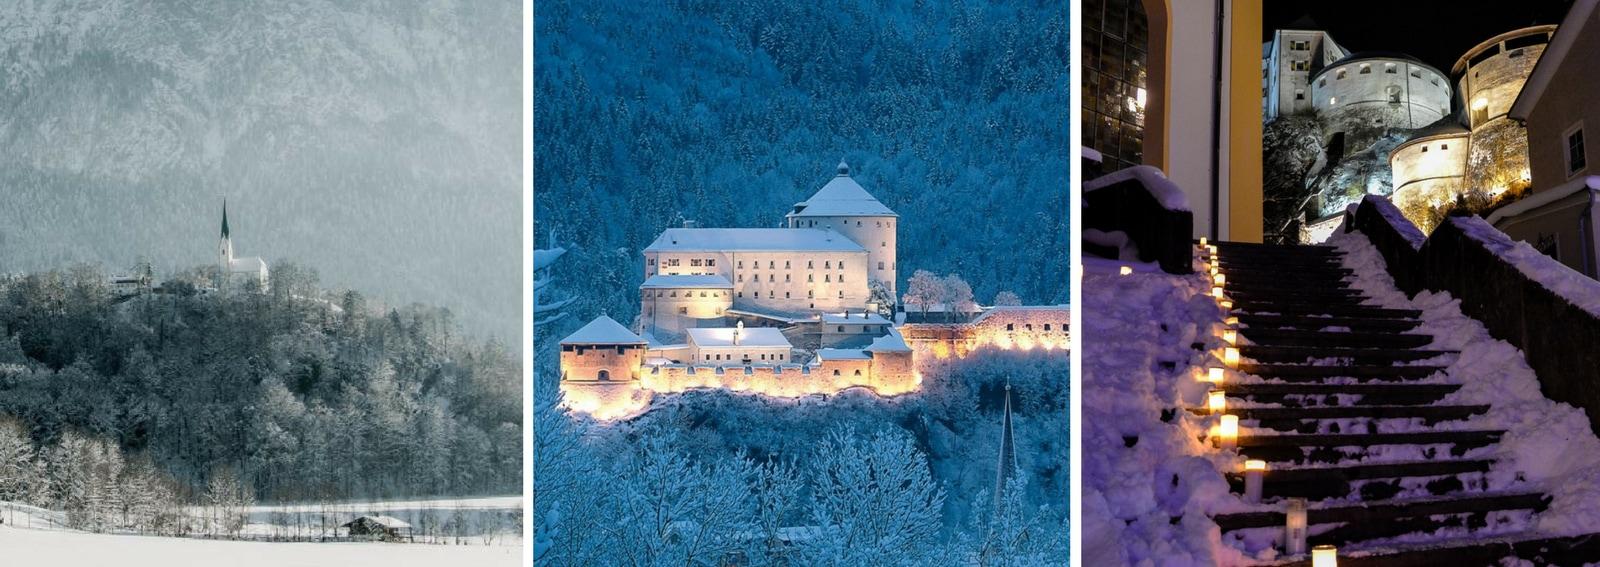 fortezza_inverno__Ferienland Kufstein_Kufsteinerland_Natale Tirolo Austriaco neveDESK